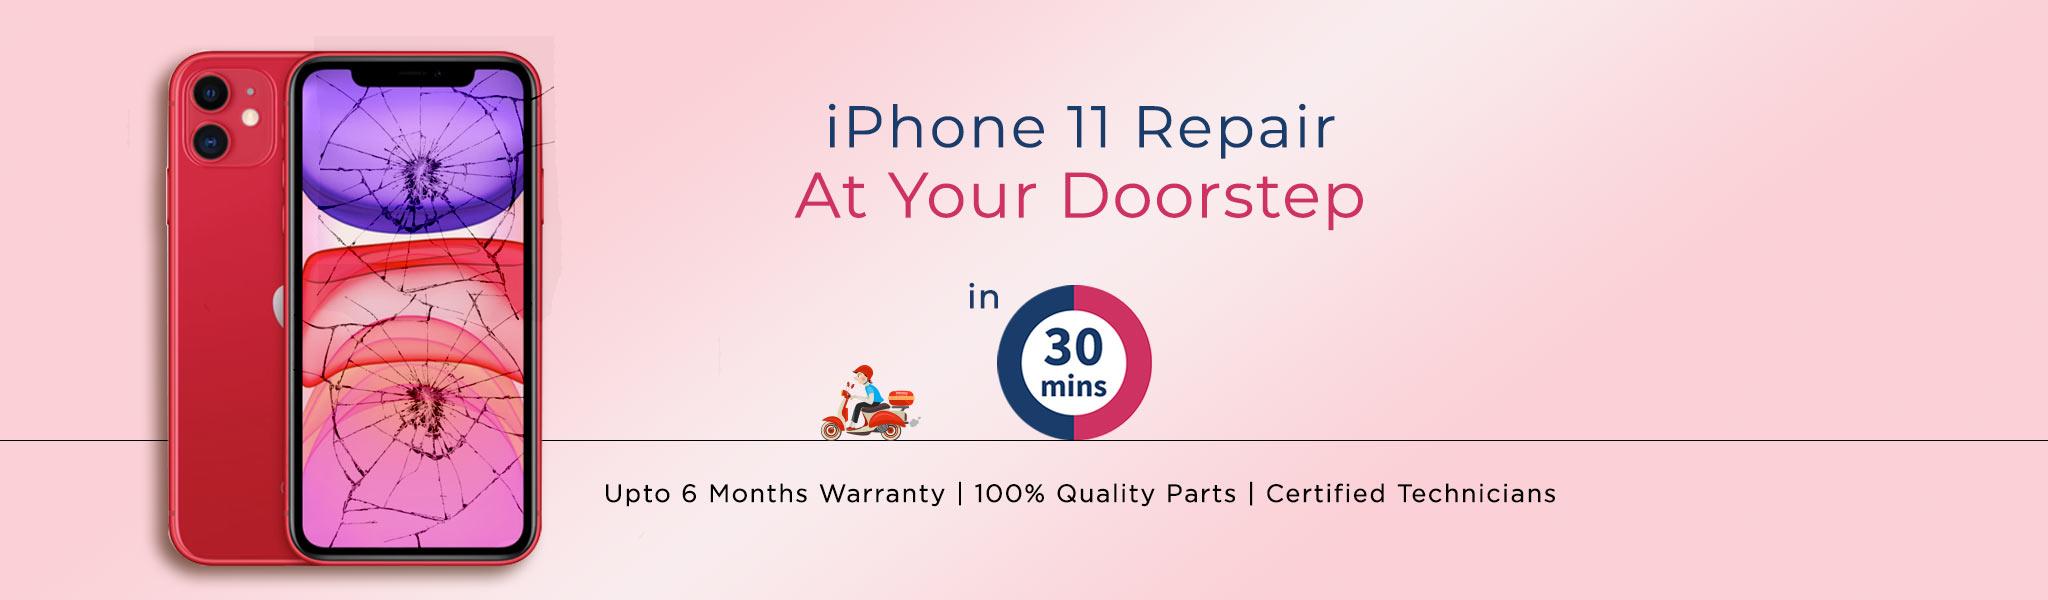 iphone-11-repair.jpg